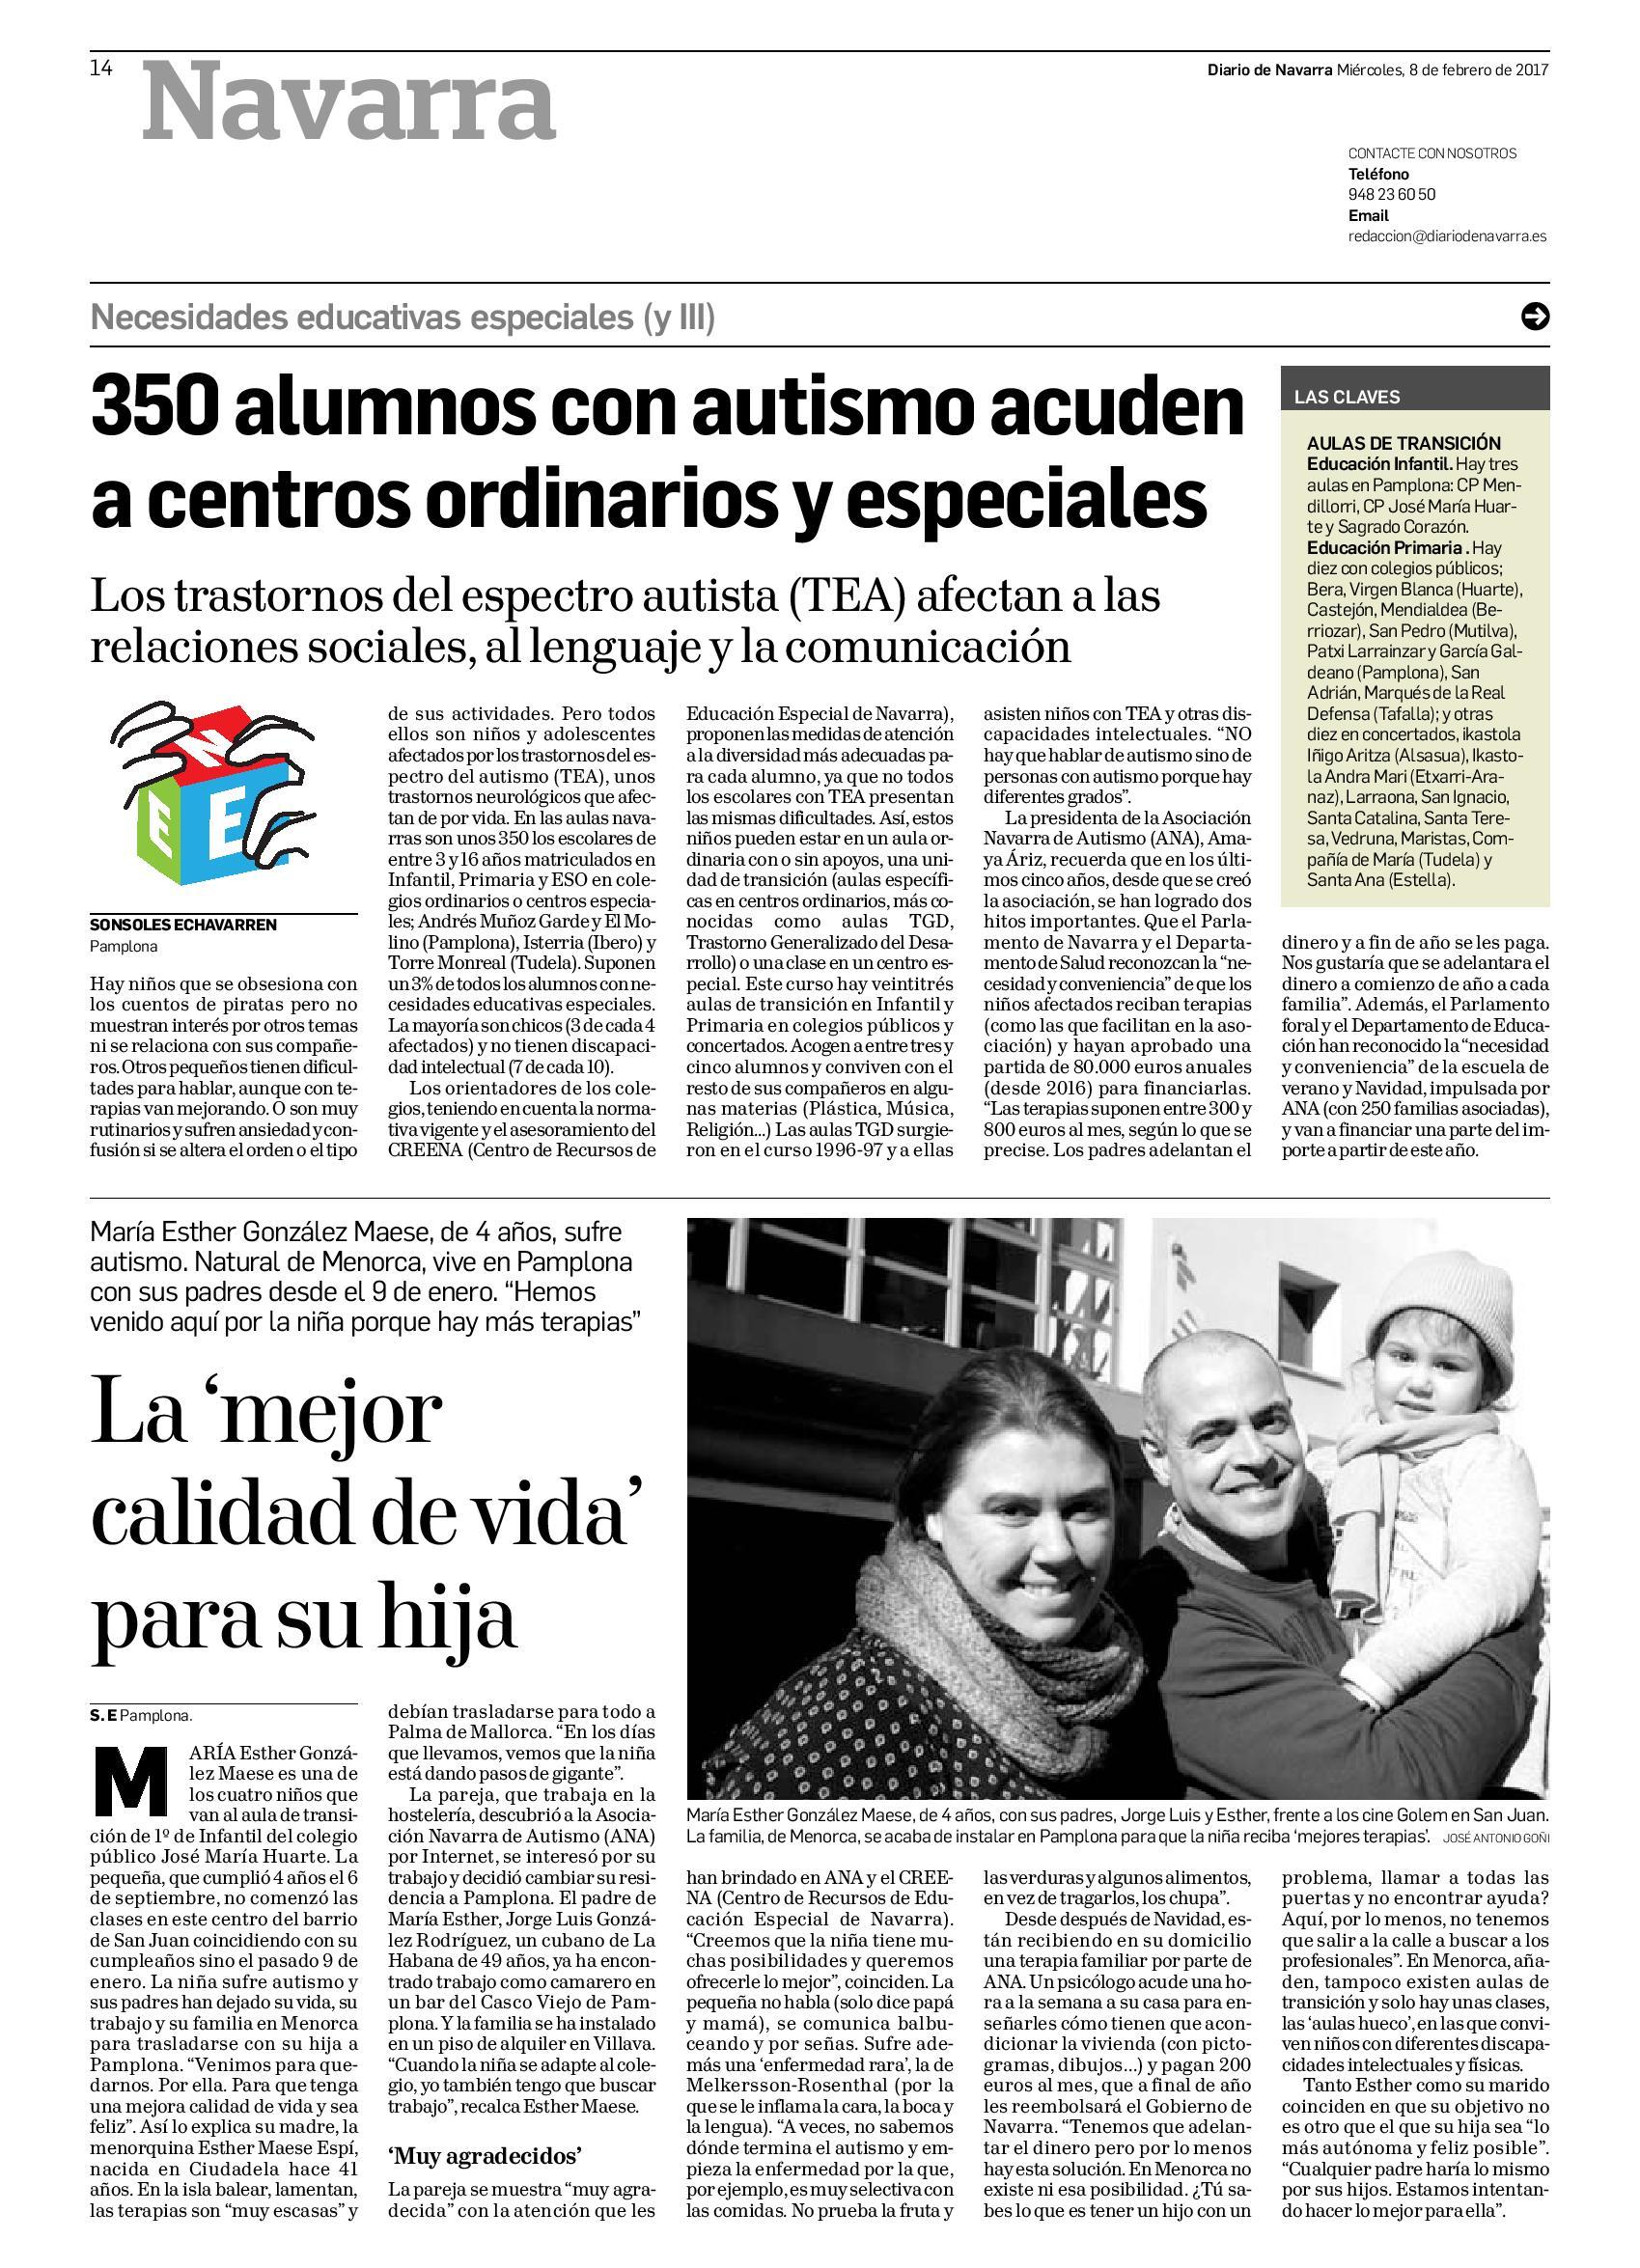 20170208 - Diario de Navarra - Navarra - pag 14-page-001